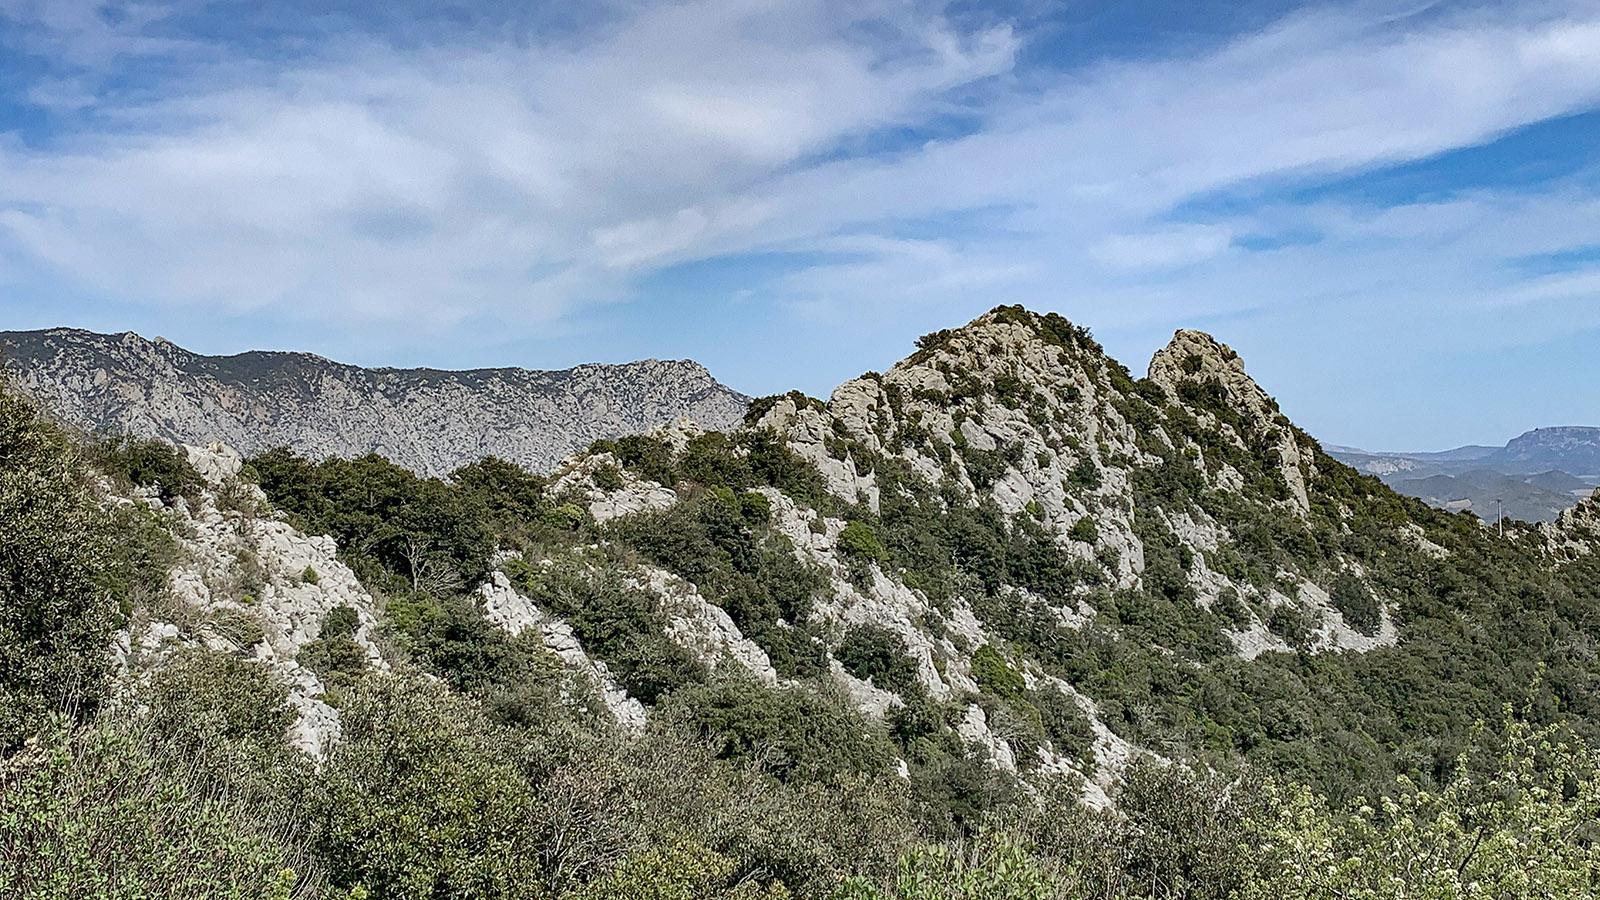 In diesen Kalksteinhängen steckt der Reichtum von Lesquerde. Foto: Hilke Maunder